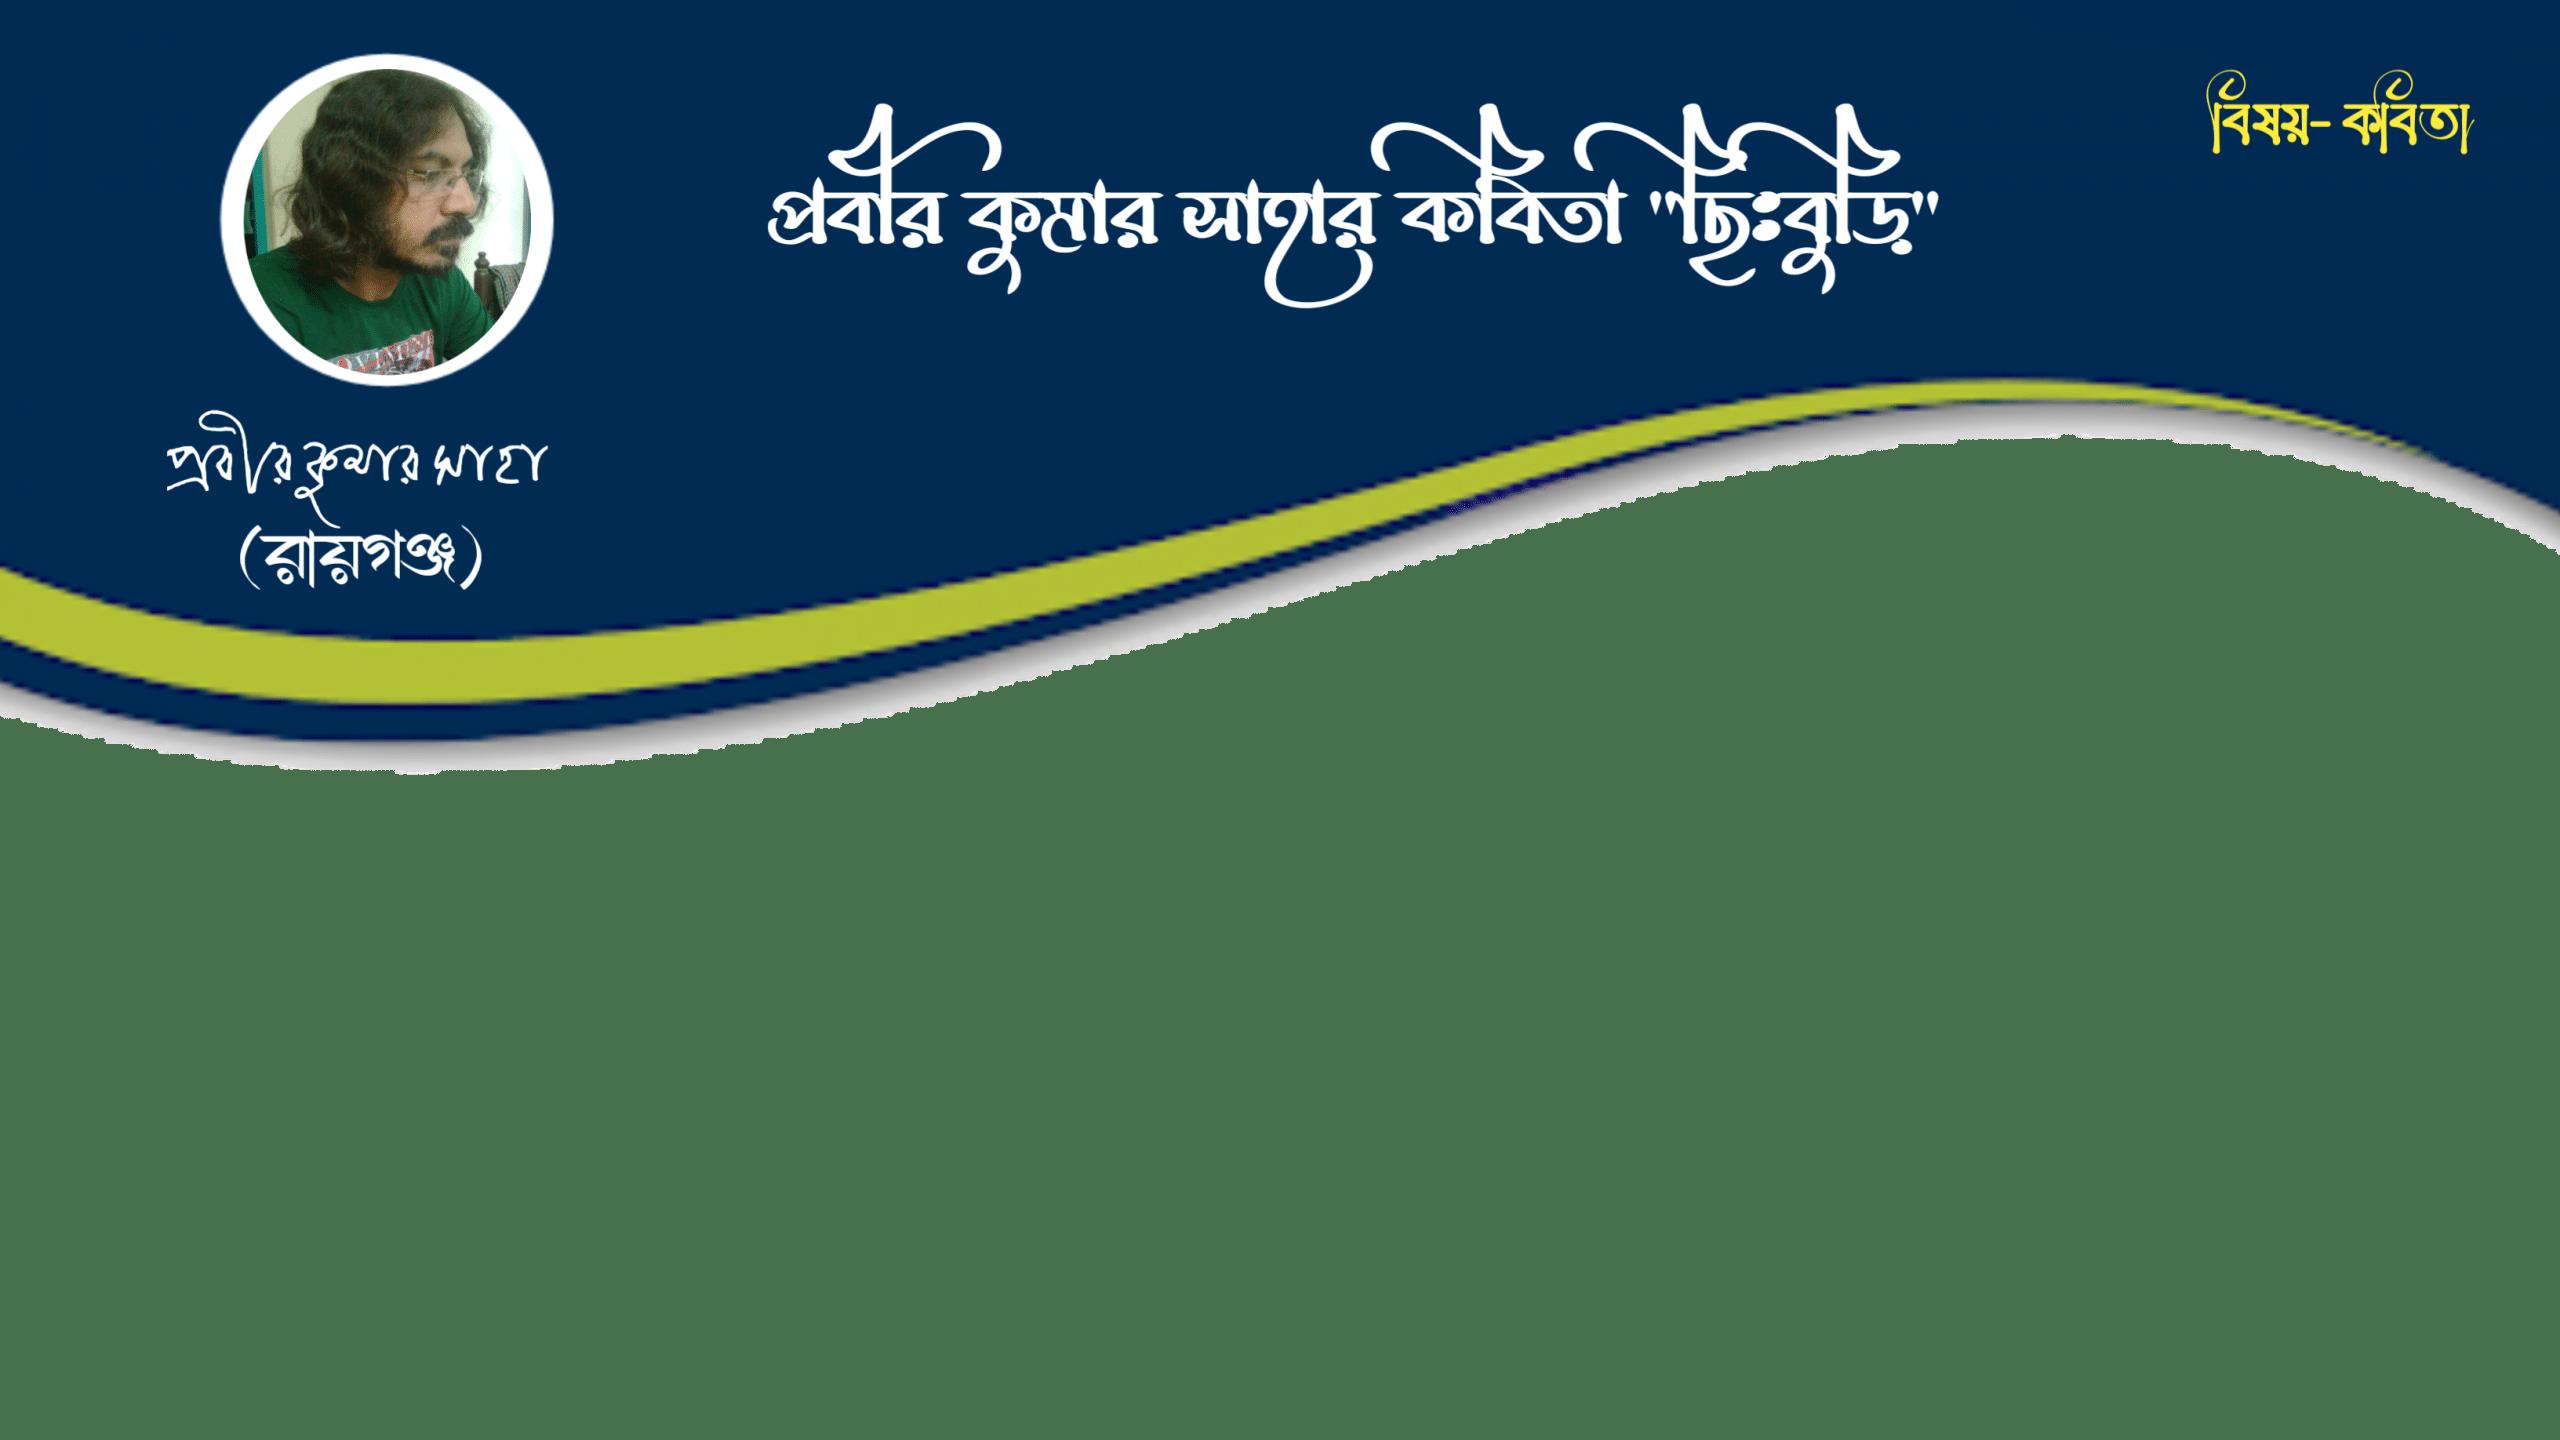 bengal live portzine prabir kumar saha bangla kobita